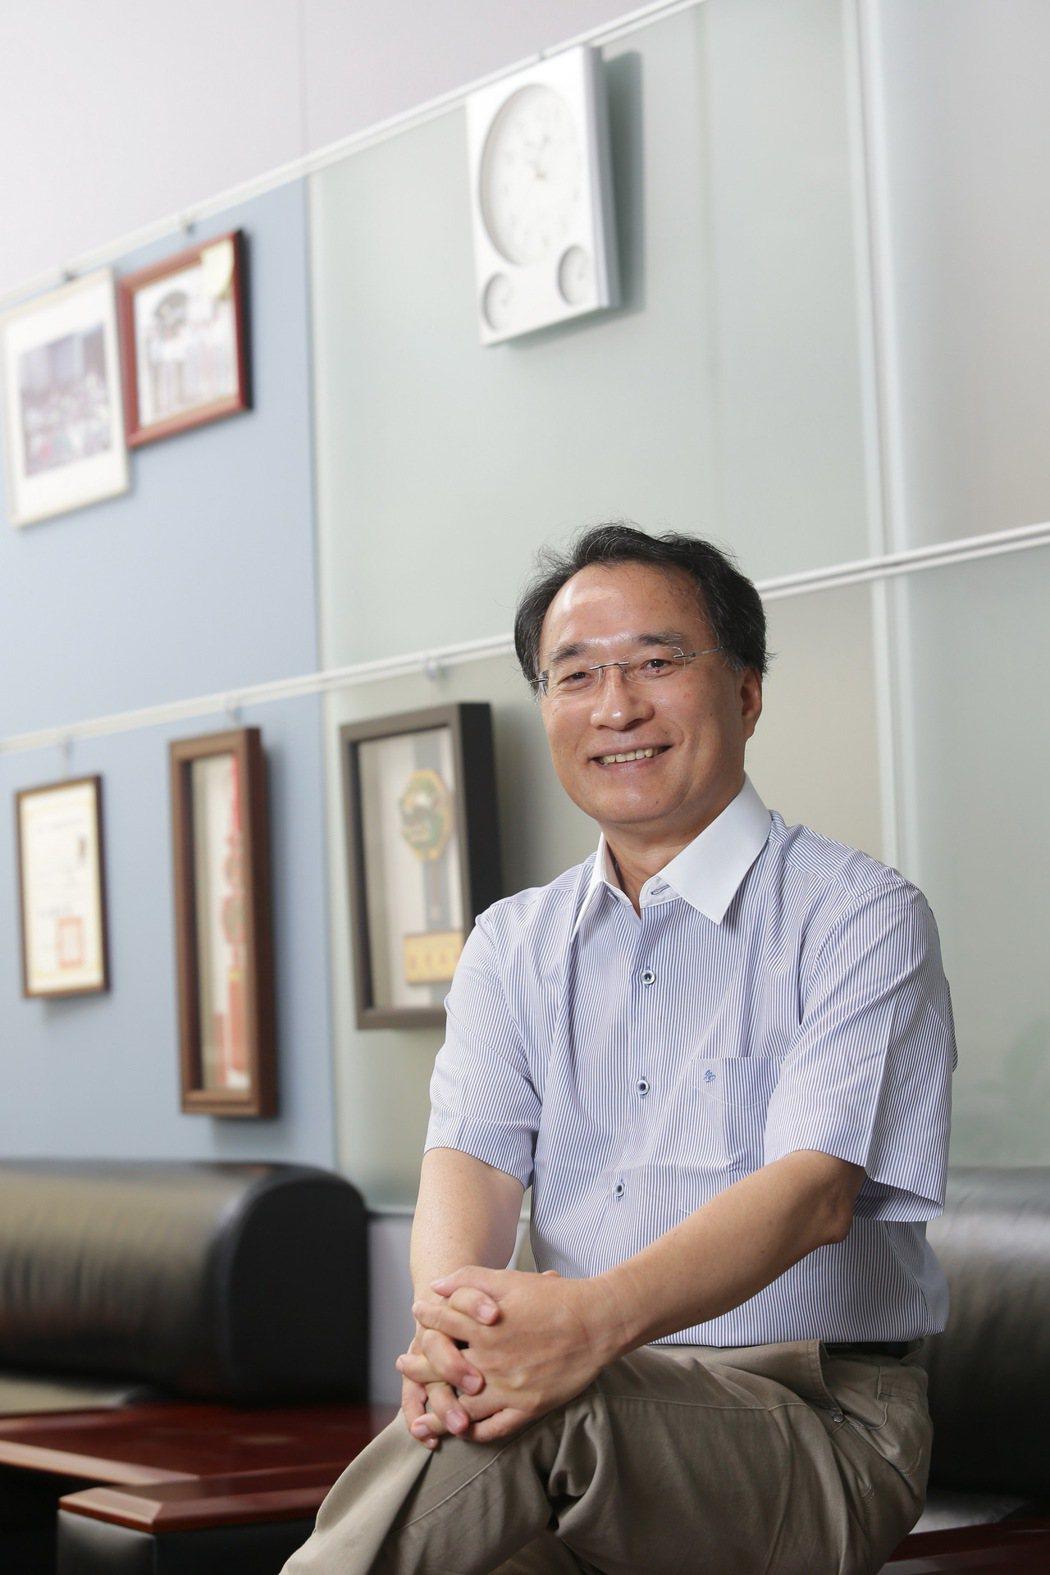 台灣鎖業暨五金發展協會理事長沈木林說,門鎖智慧化是一種趨勢,市場已開始注意到智慧...